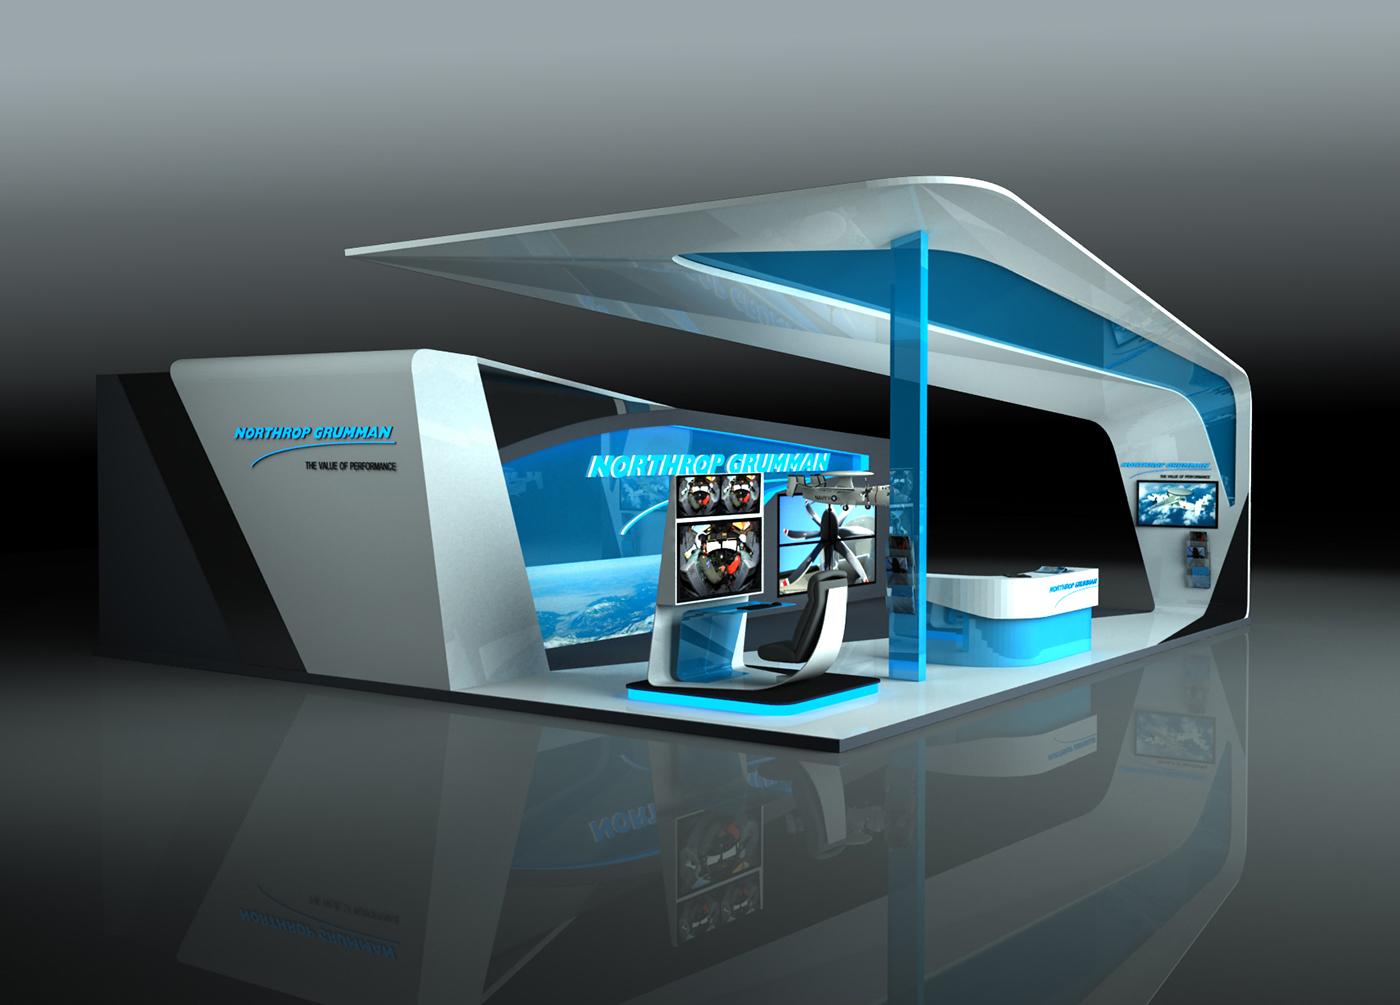 Sungard Exhibition Stand Stands For : Northrop grumman stand design on behance